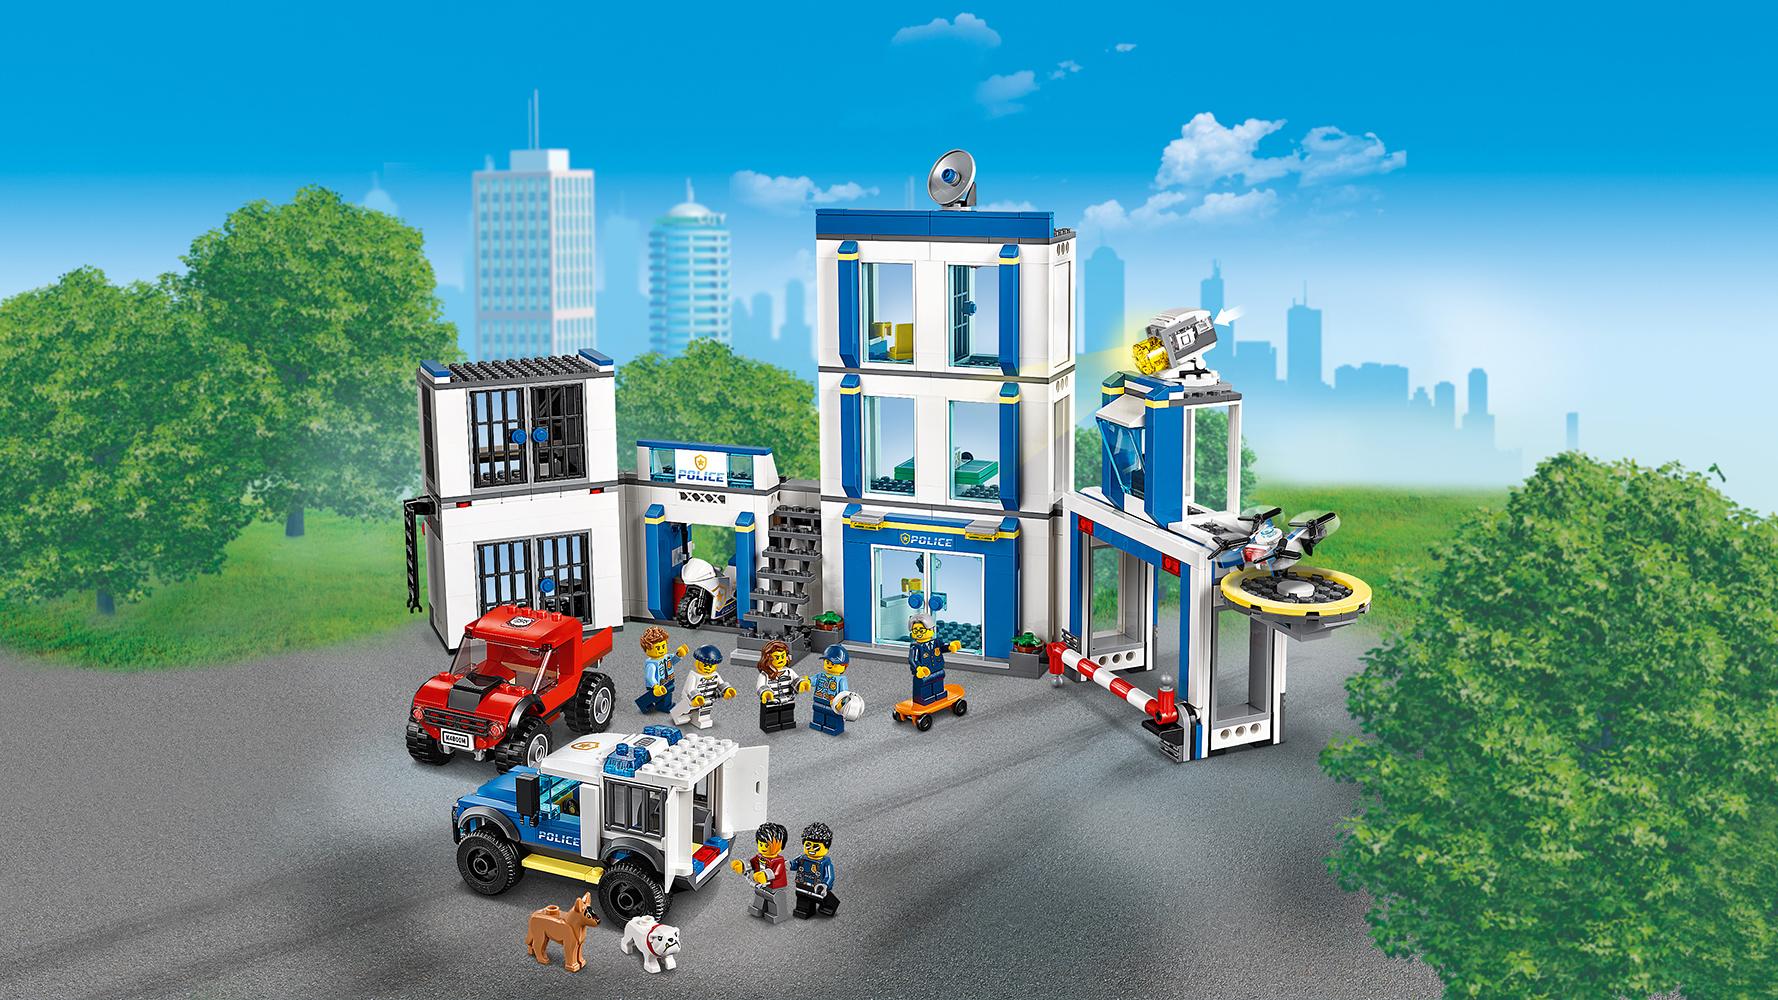 City - Le commissariat de police